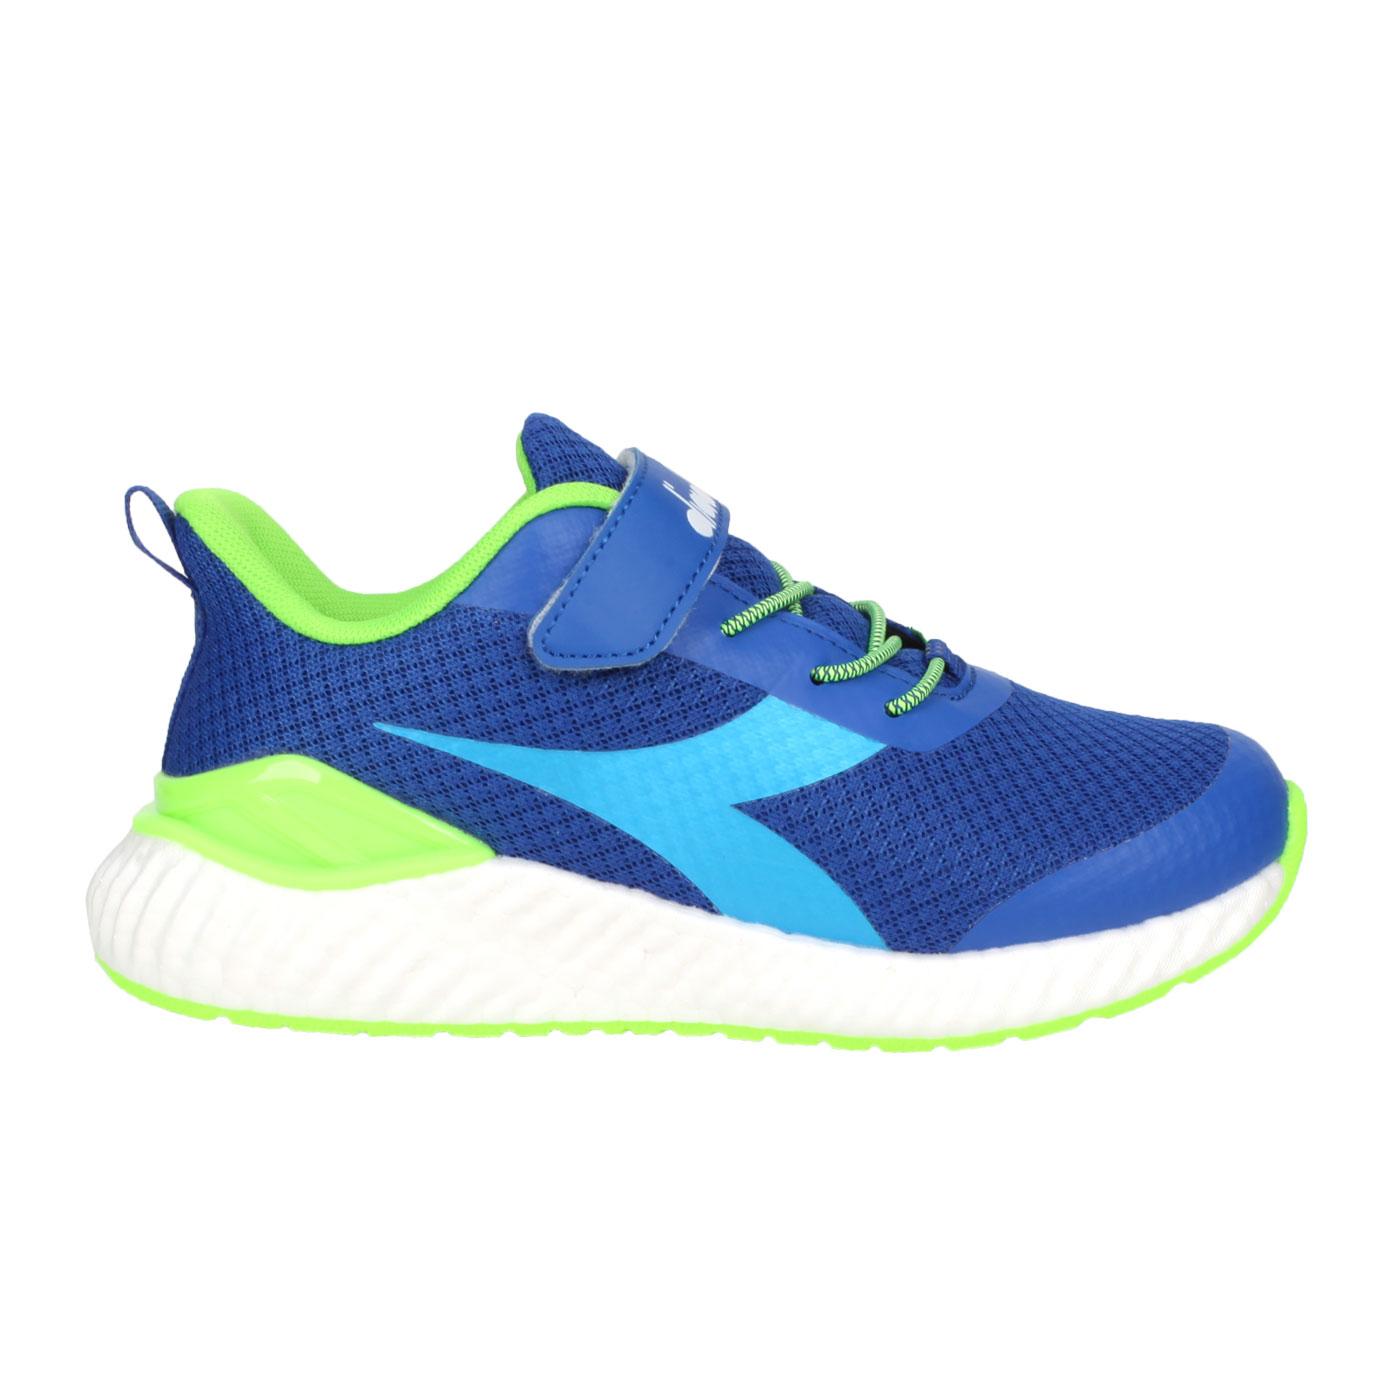 DIADORA 中童慢跑鞋-超寬楦 DA13015 - 藍螢光綠白